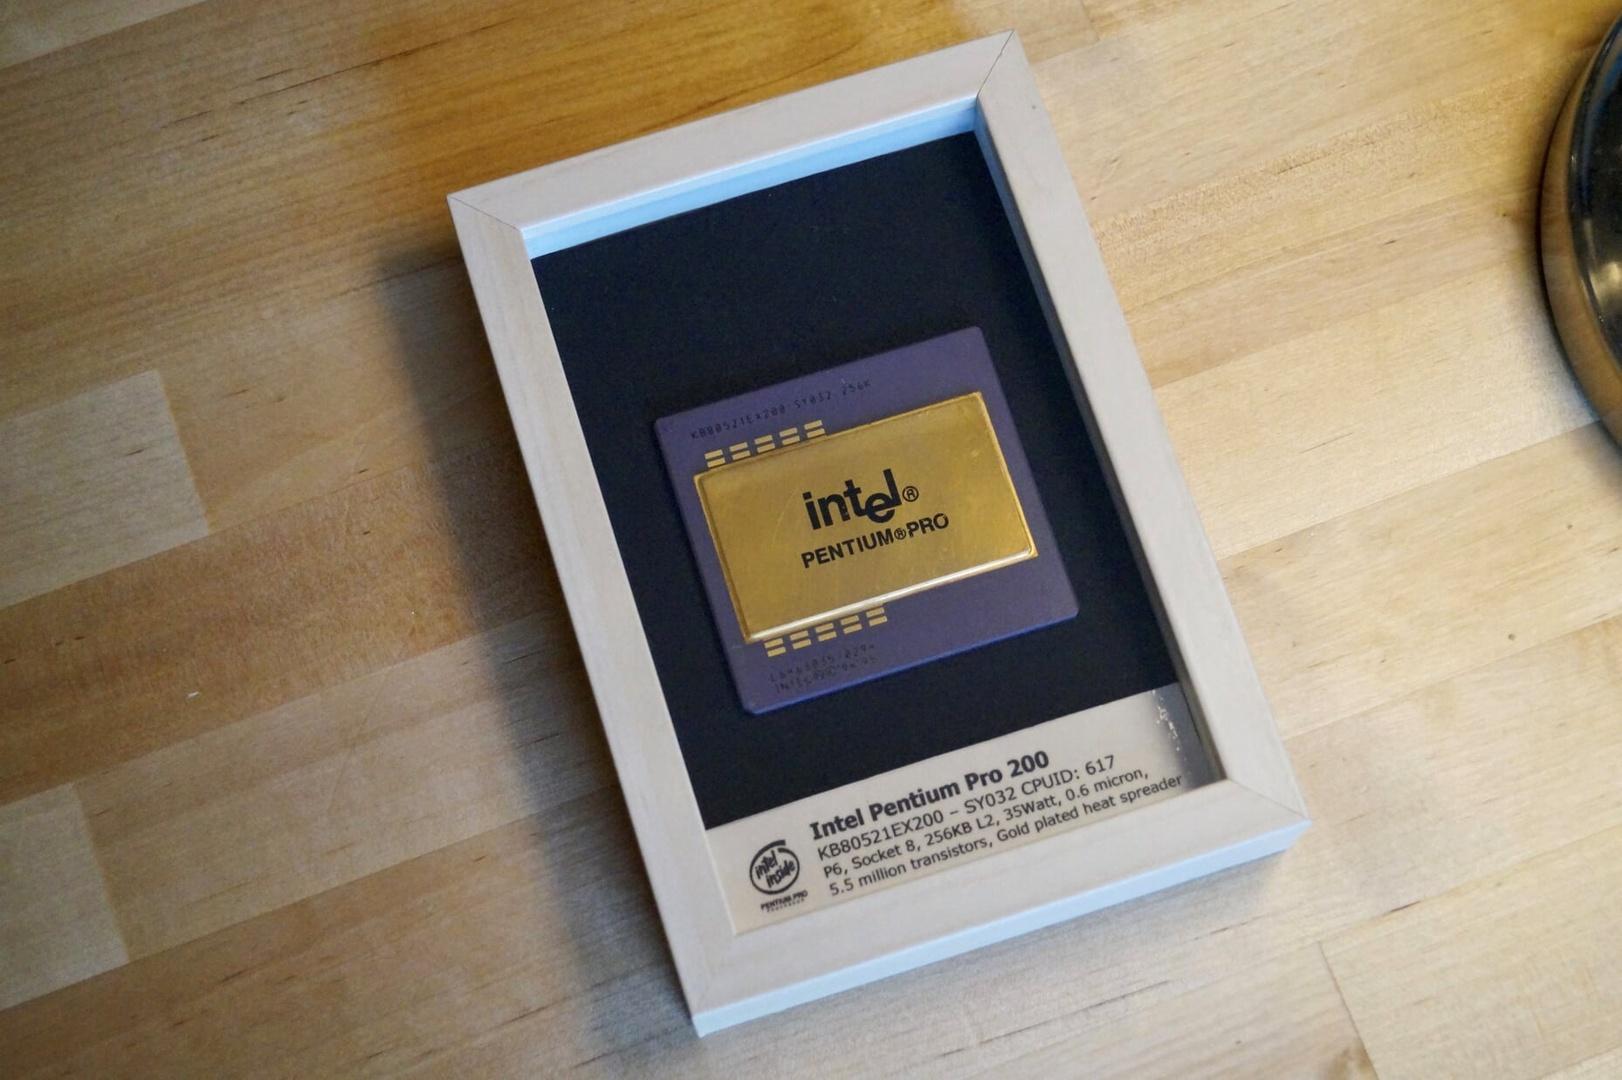 Einer der Preise des Community-Gewinnspiels, ein original Pentium Pro im Rahmen